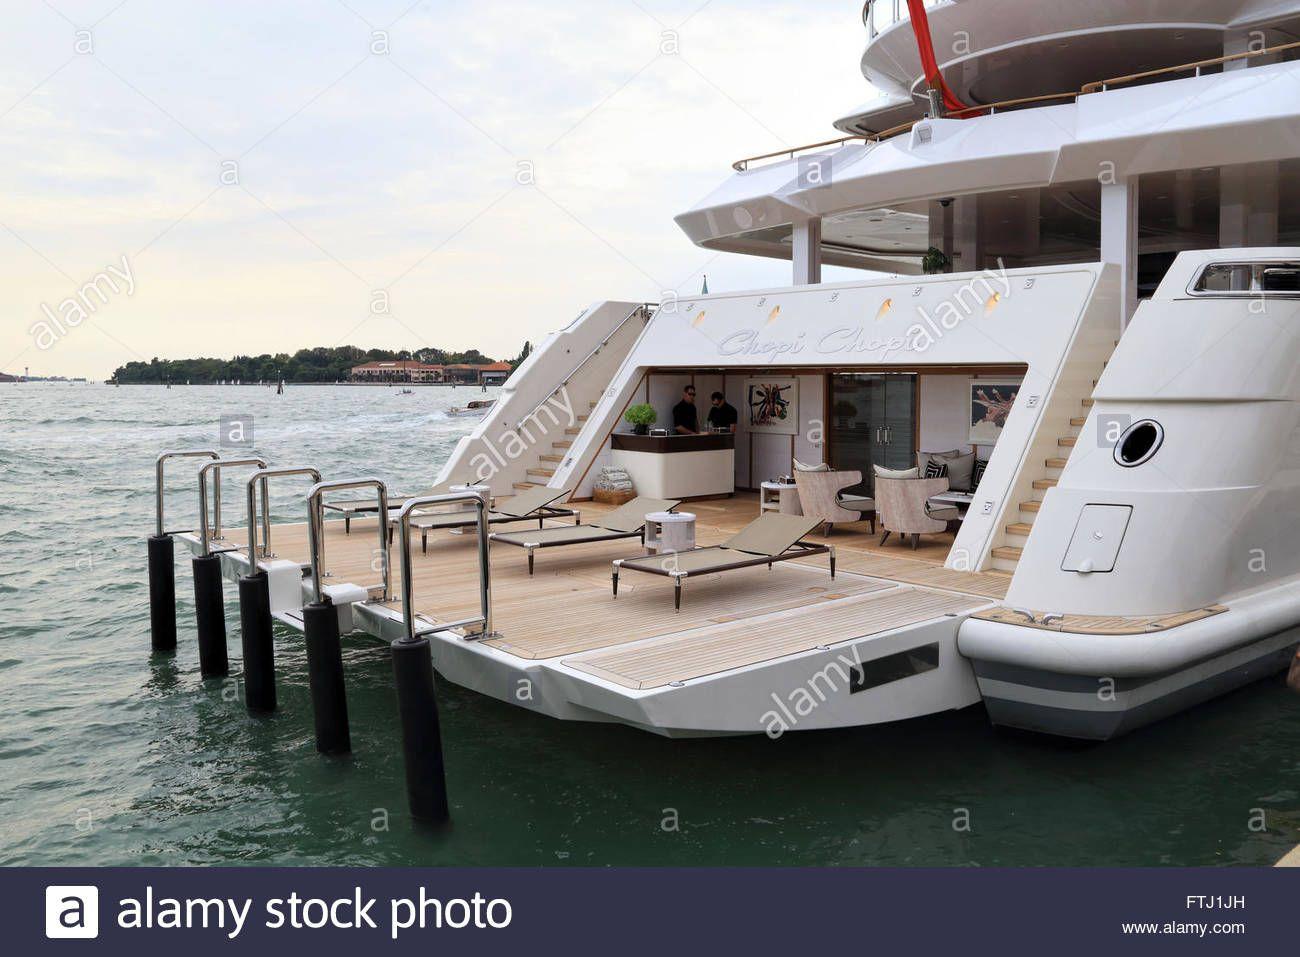 Yacht Chopi Chopi Imo 1011343 Stock Photo Royalty Free Image